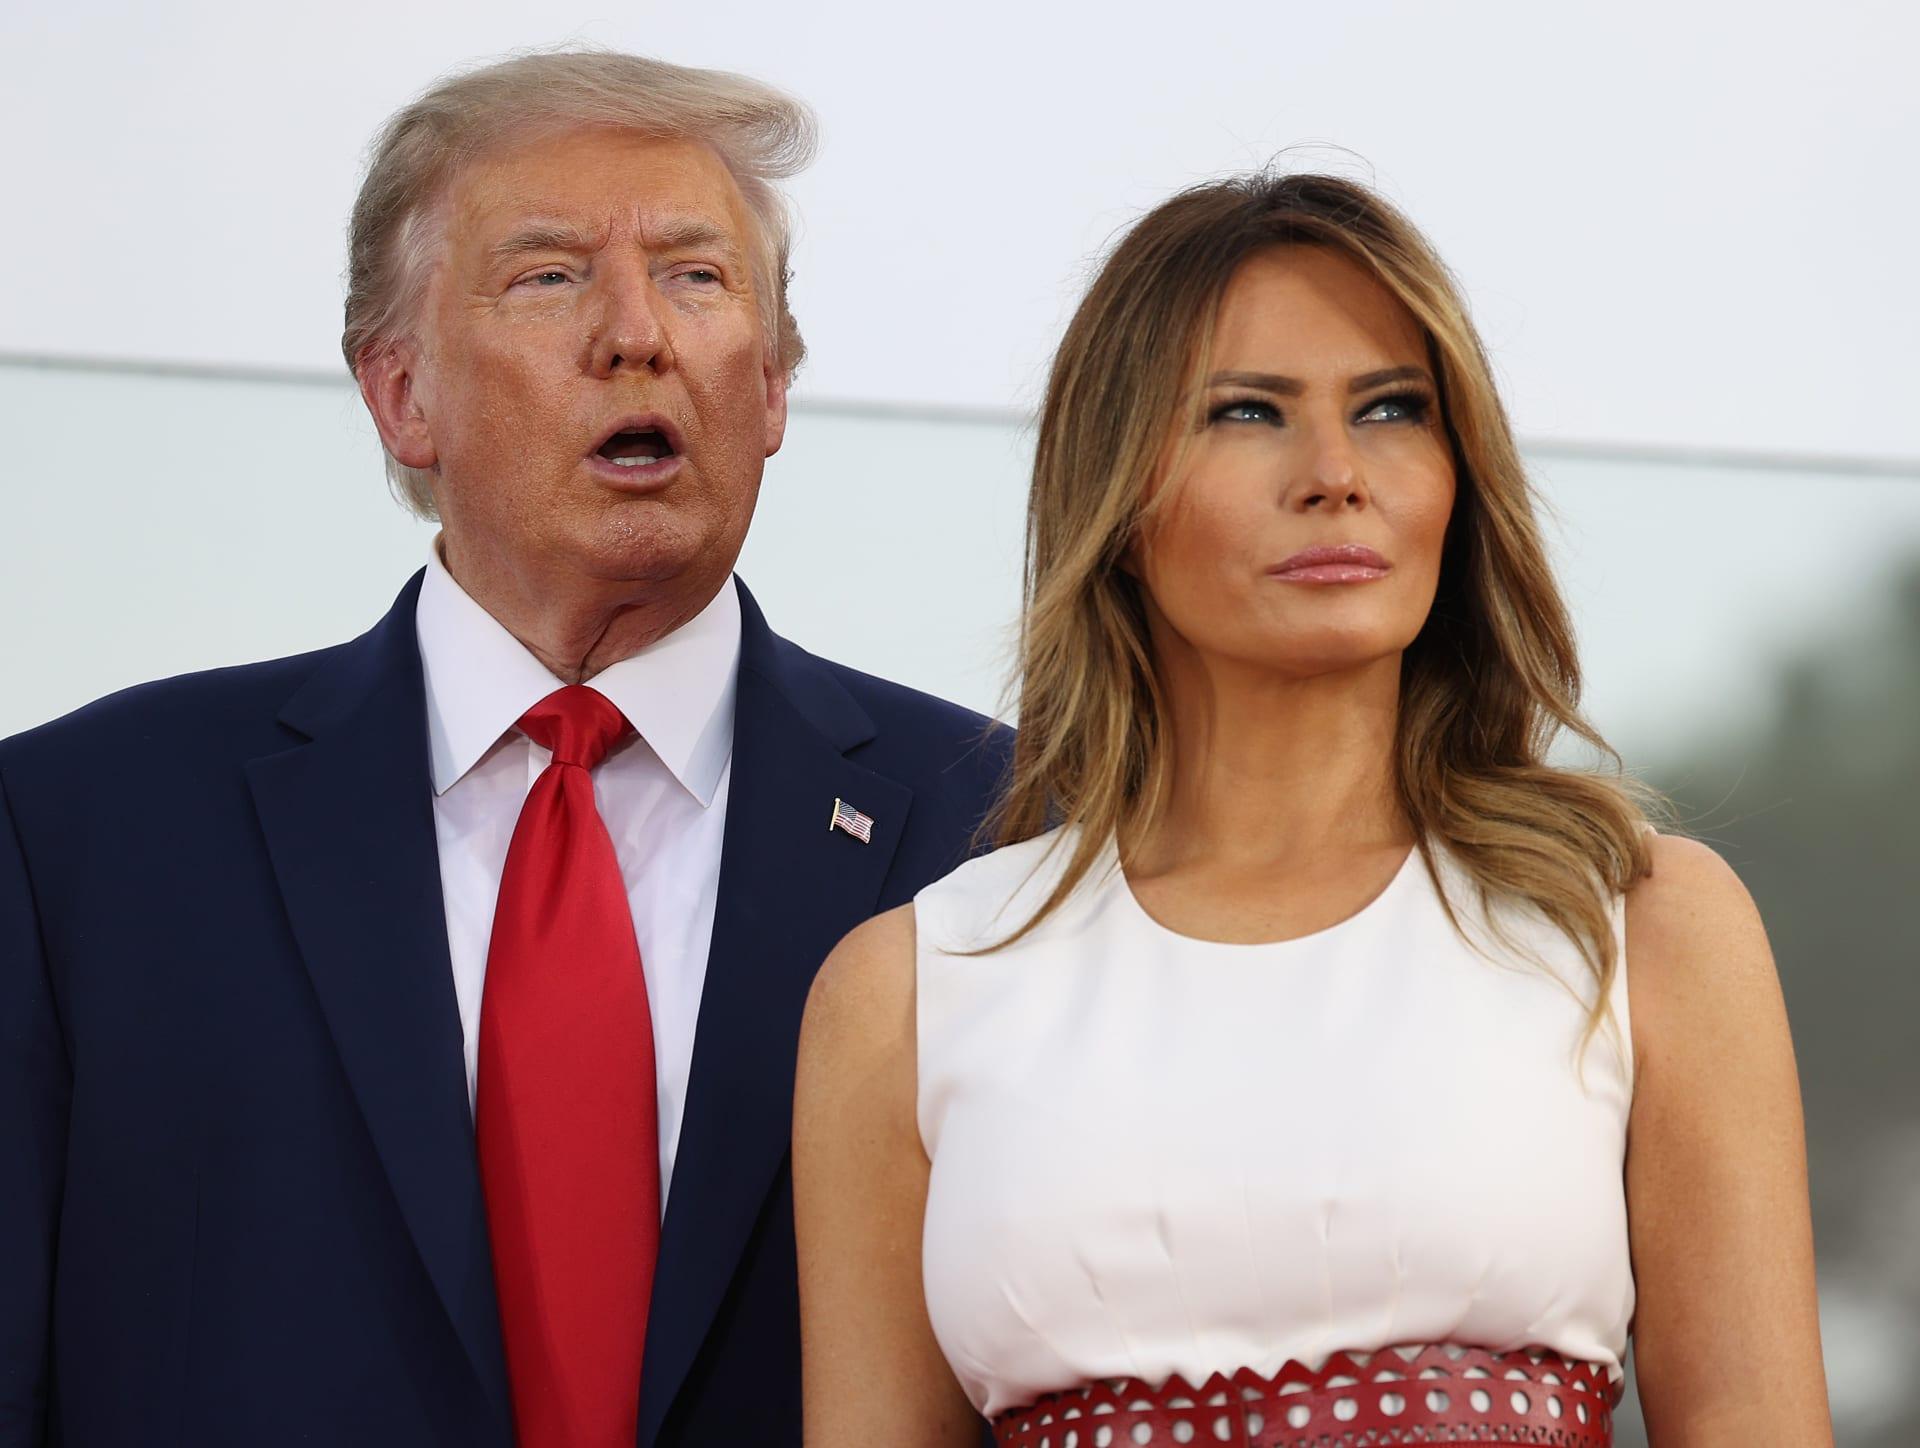 صورة أرشيفية لميلانيا وزوجها الرئيس الأمريكي دونالد ترامب